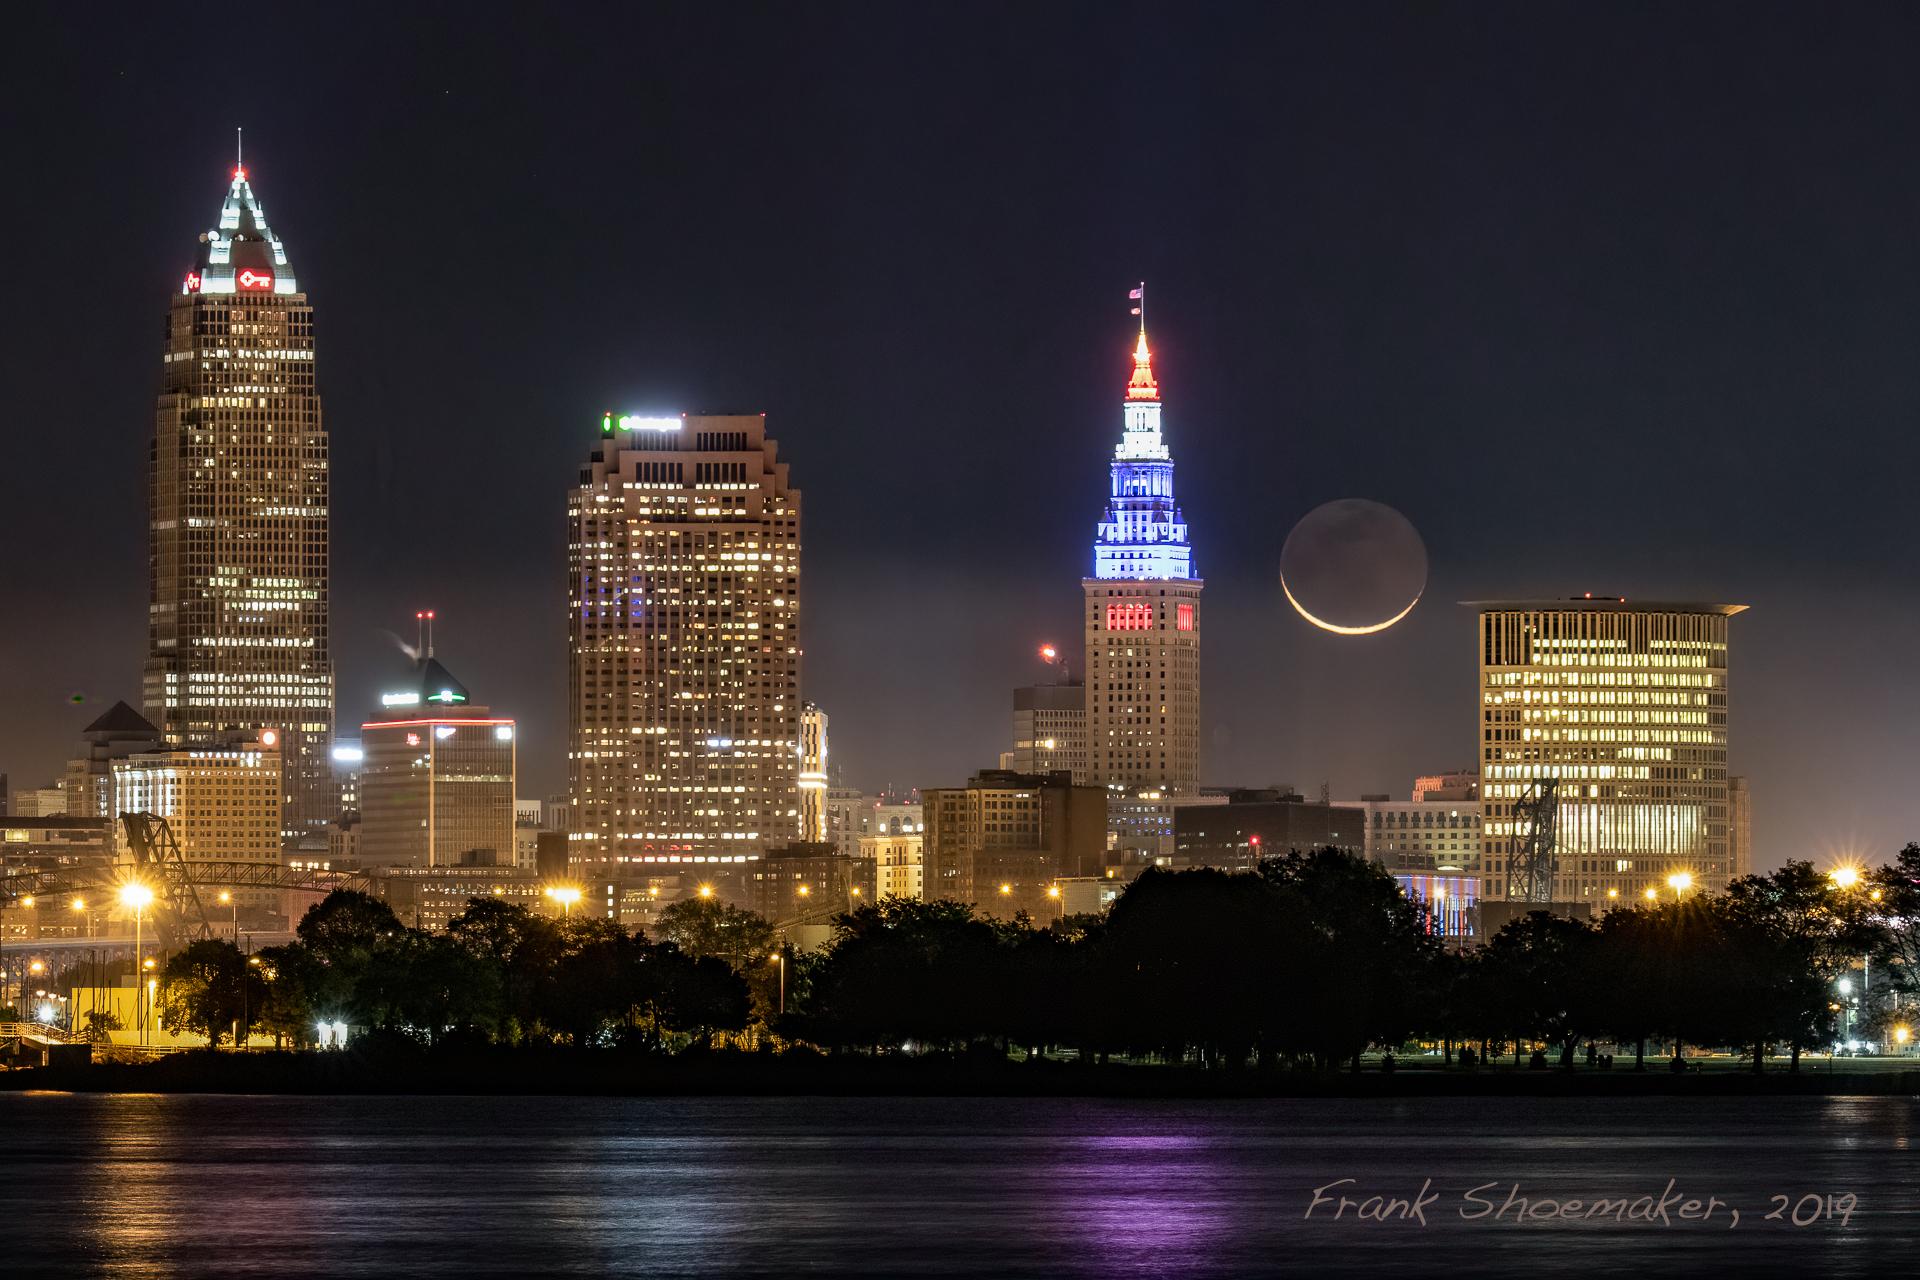 Image: Moonrise over Cleveland. Credit: Frank Shoemaker.